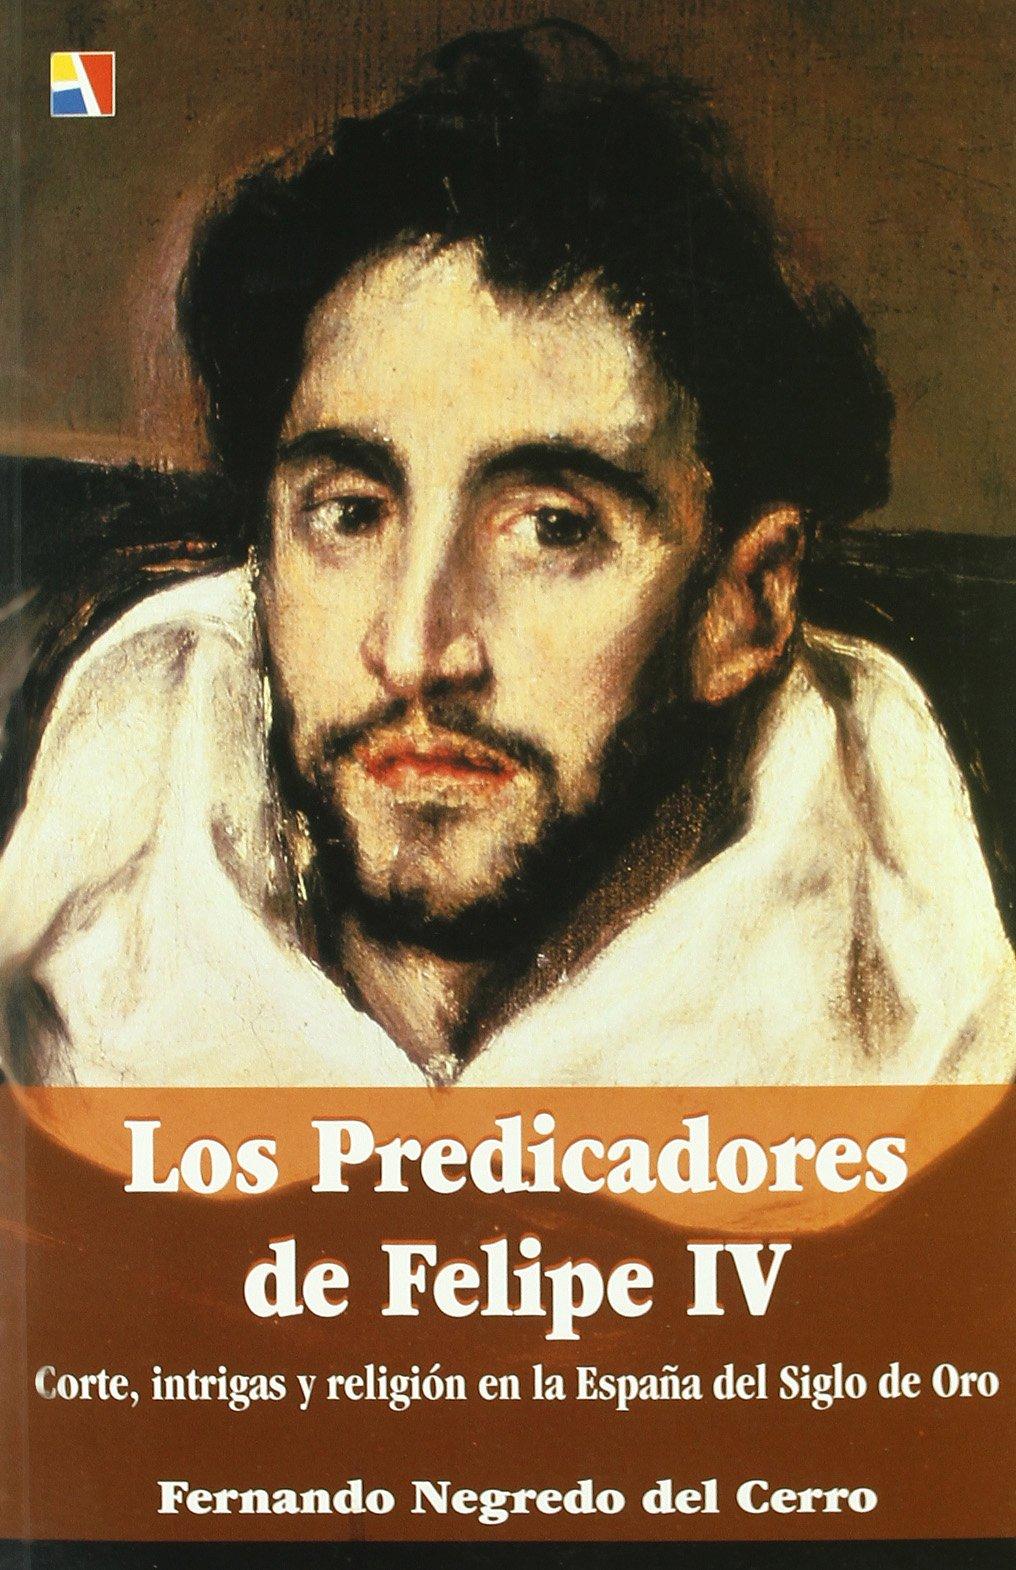 Los predicadores de Felipe IV : corte, intrigas y religión en la España del siglo de oro: Amazon.es: Negredo del Cerro, Fernando: Libros